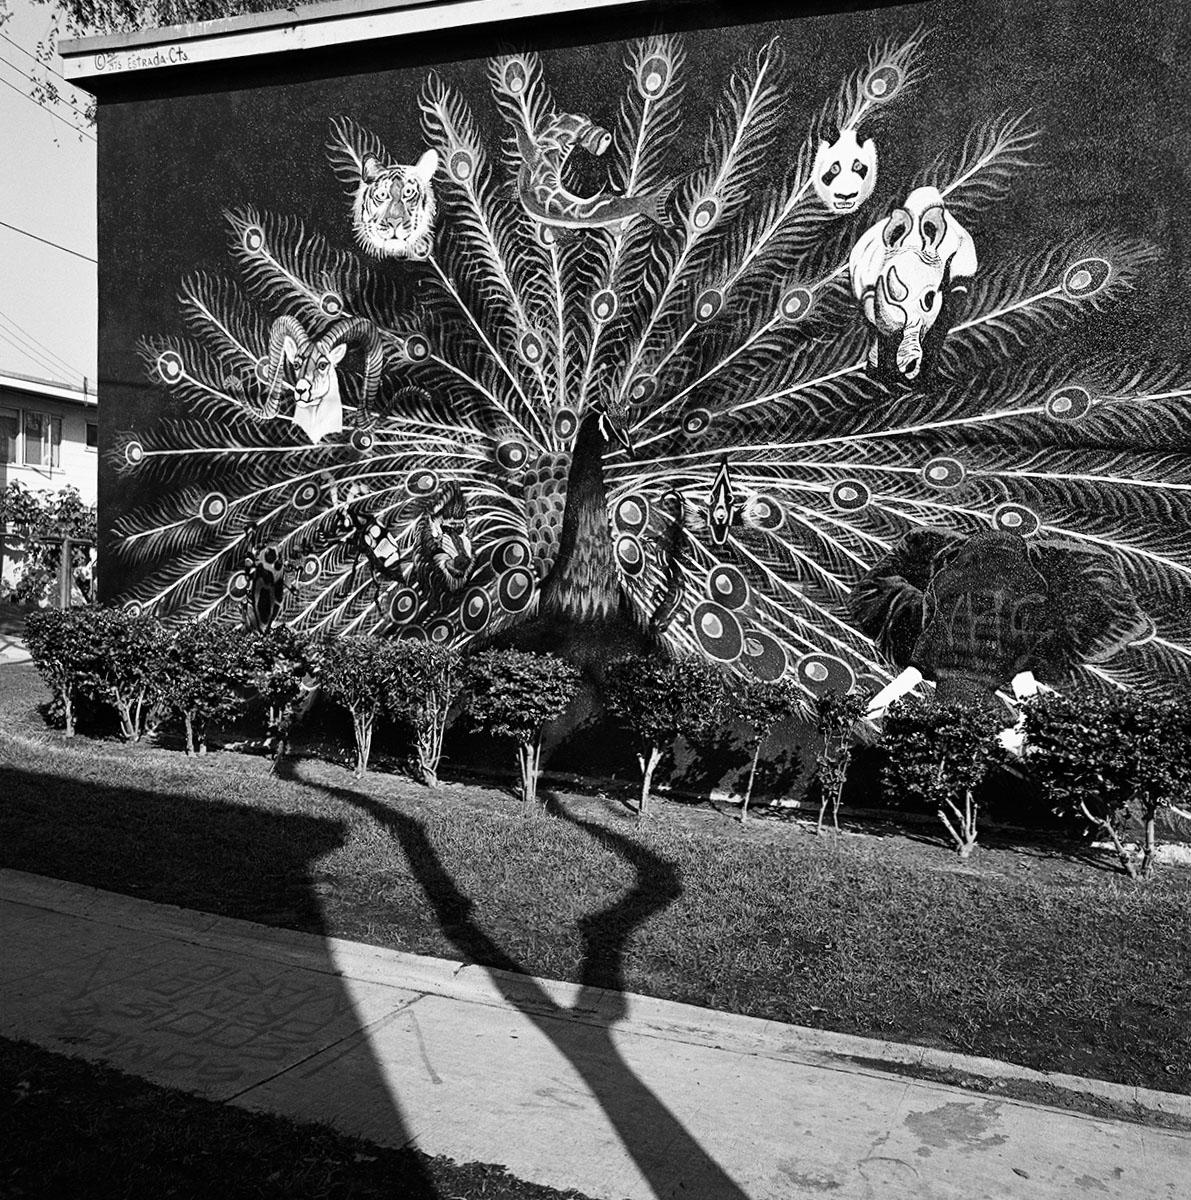 Peacock Mural, East Los Angeles, 1978